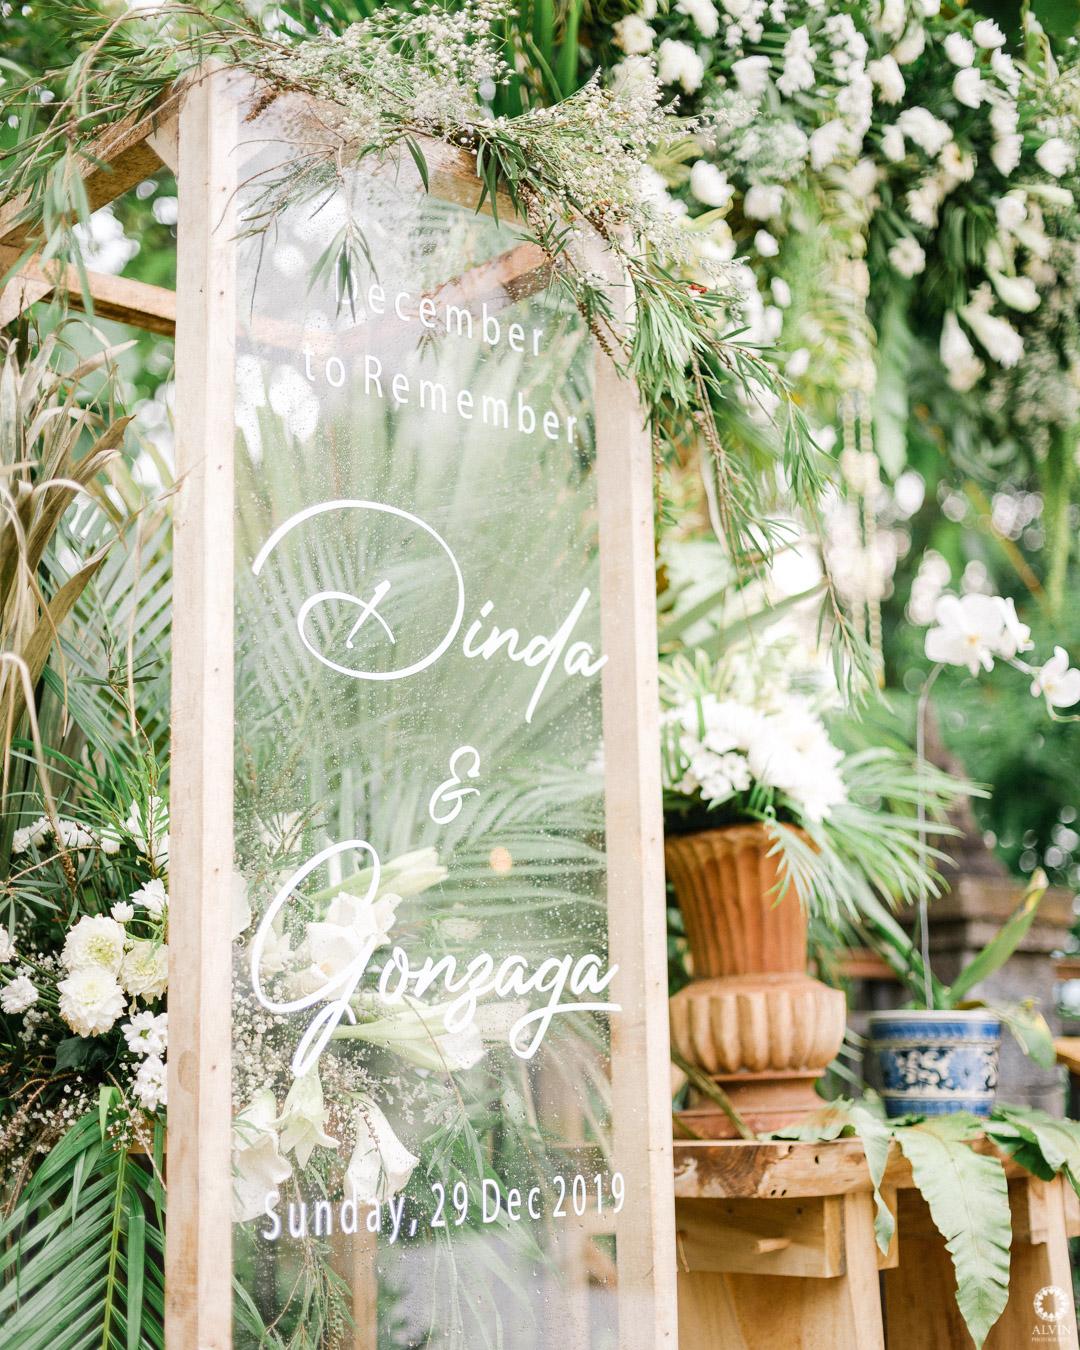 DSCF0984 : Dinda & Gonzaga Wedding